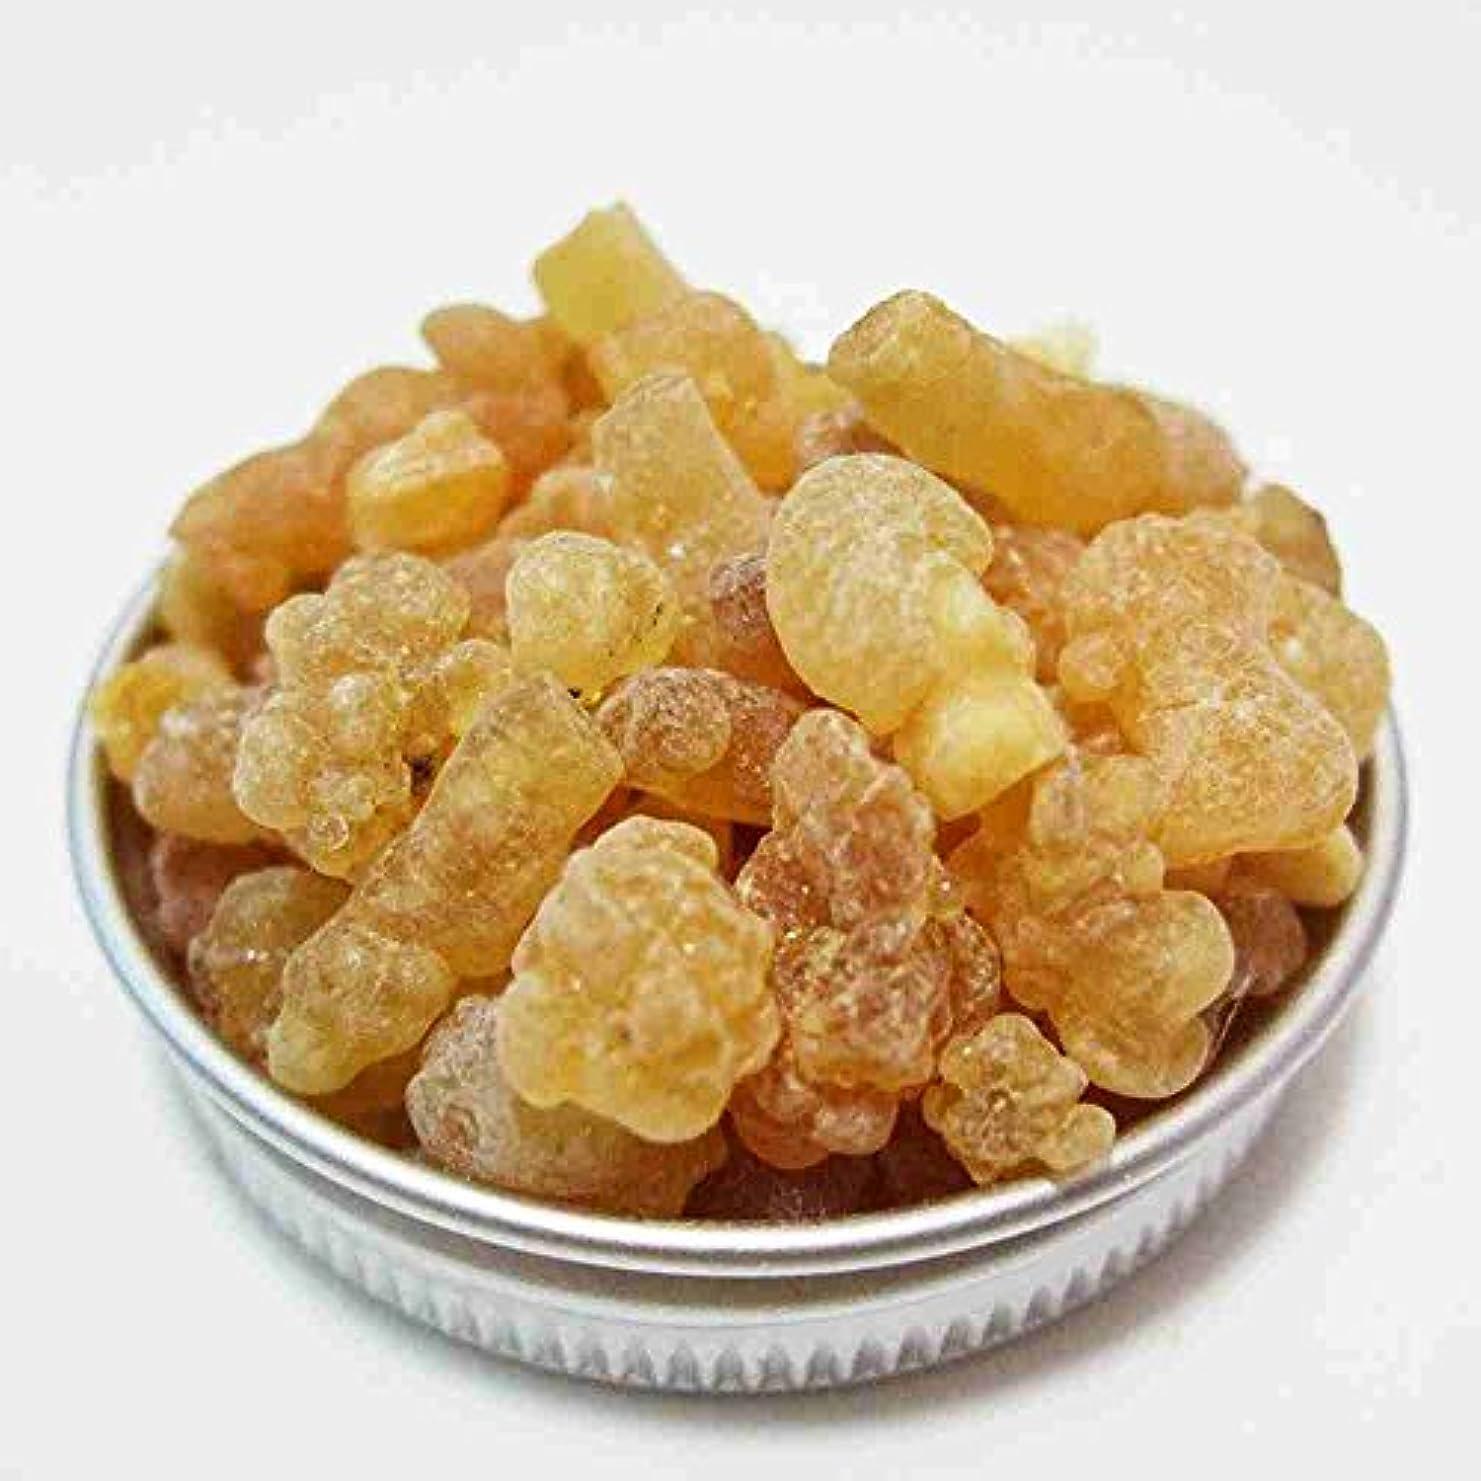 闇インフレーションマスタードフランキンセンス Frsnkincense (乳香) 天然樹脂香 フランキンセンス(乳香), 1 Ounce (28 g)